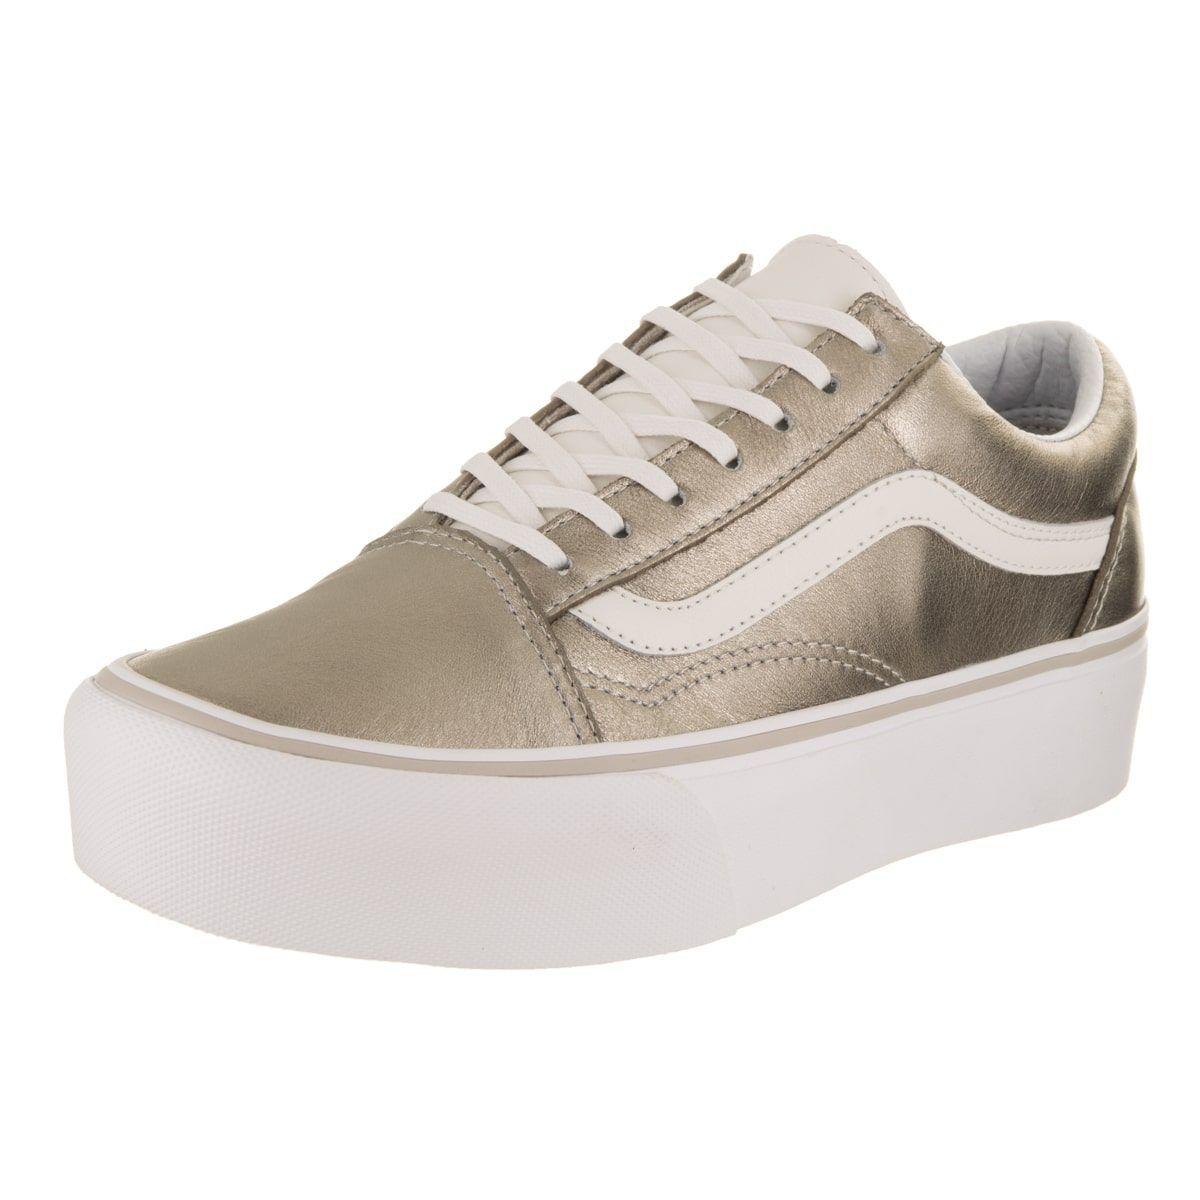 Vans Unisex Old Skool Platform Skate Shoe Compras f6da6f947c1